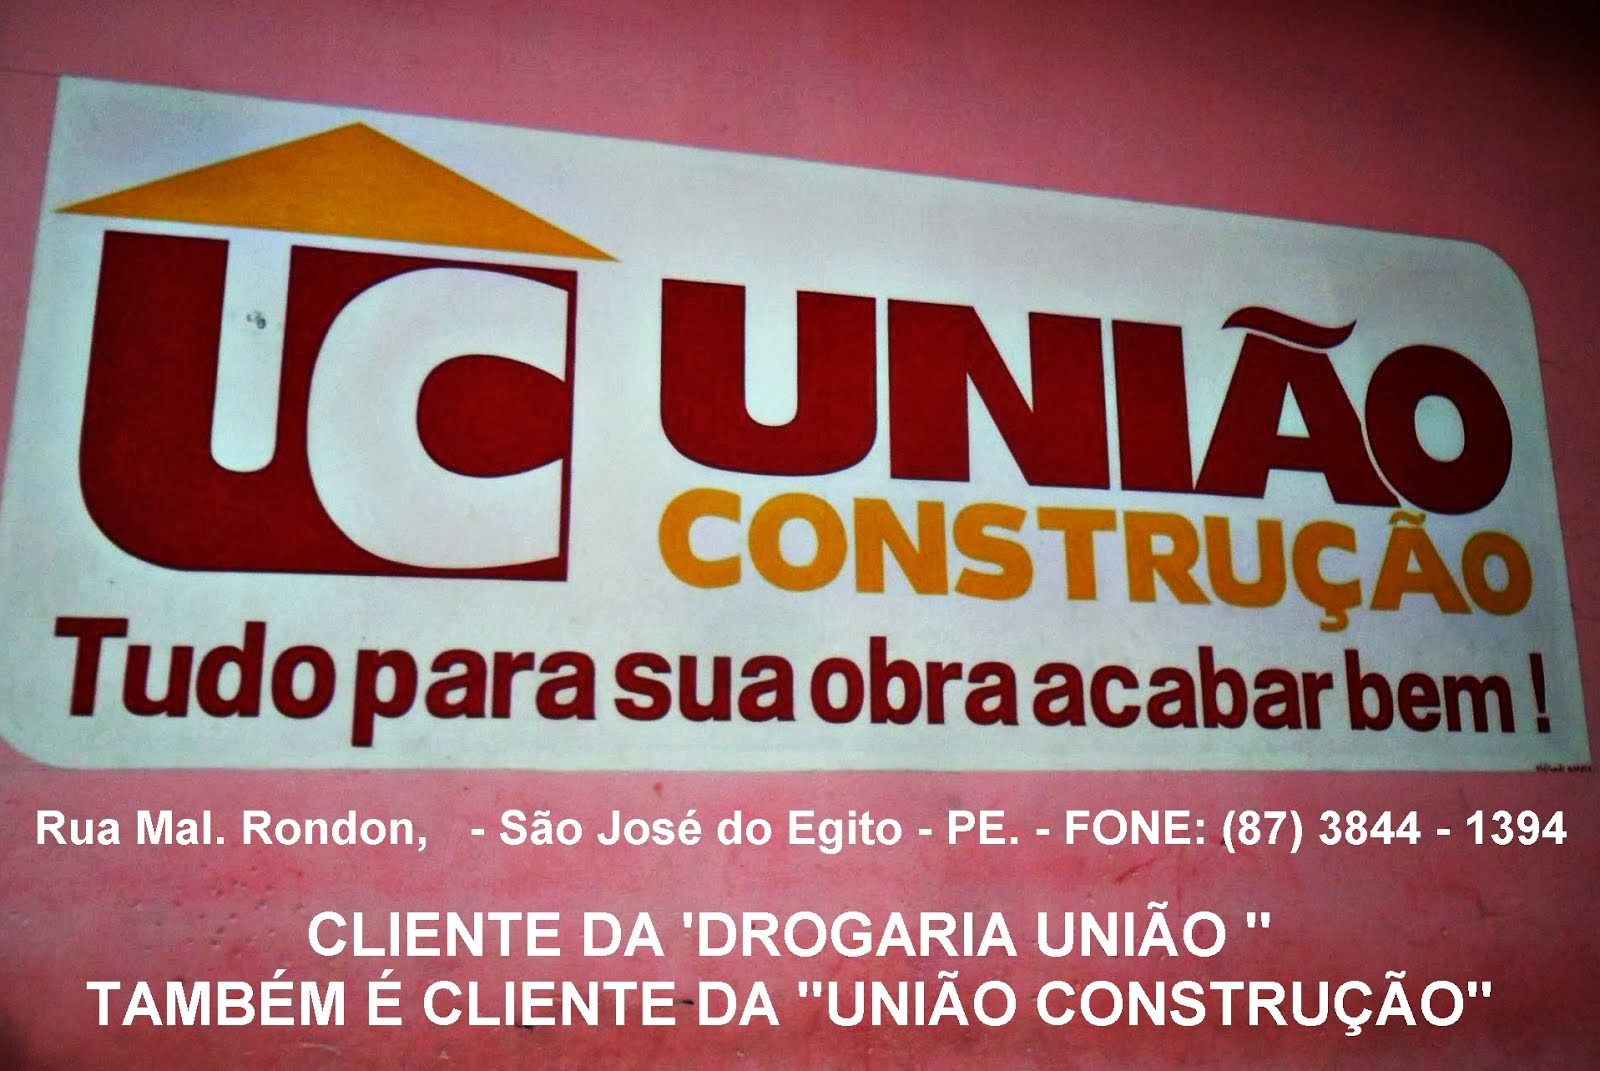 UNIÃO CONSTRUÇÃO - São José do Egito - PE.